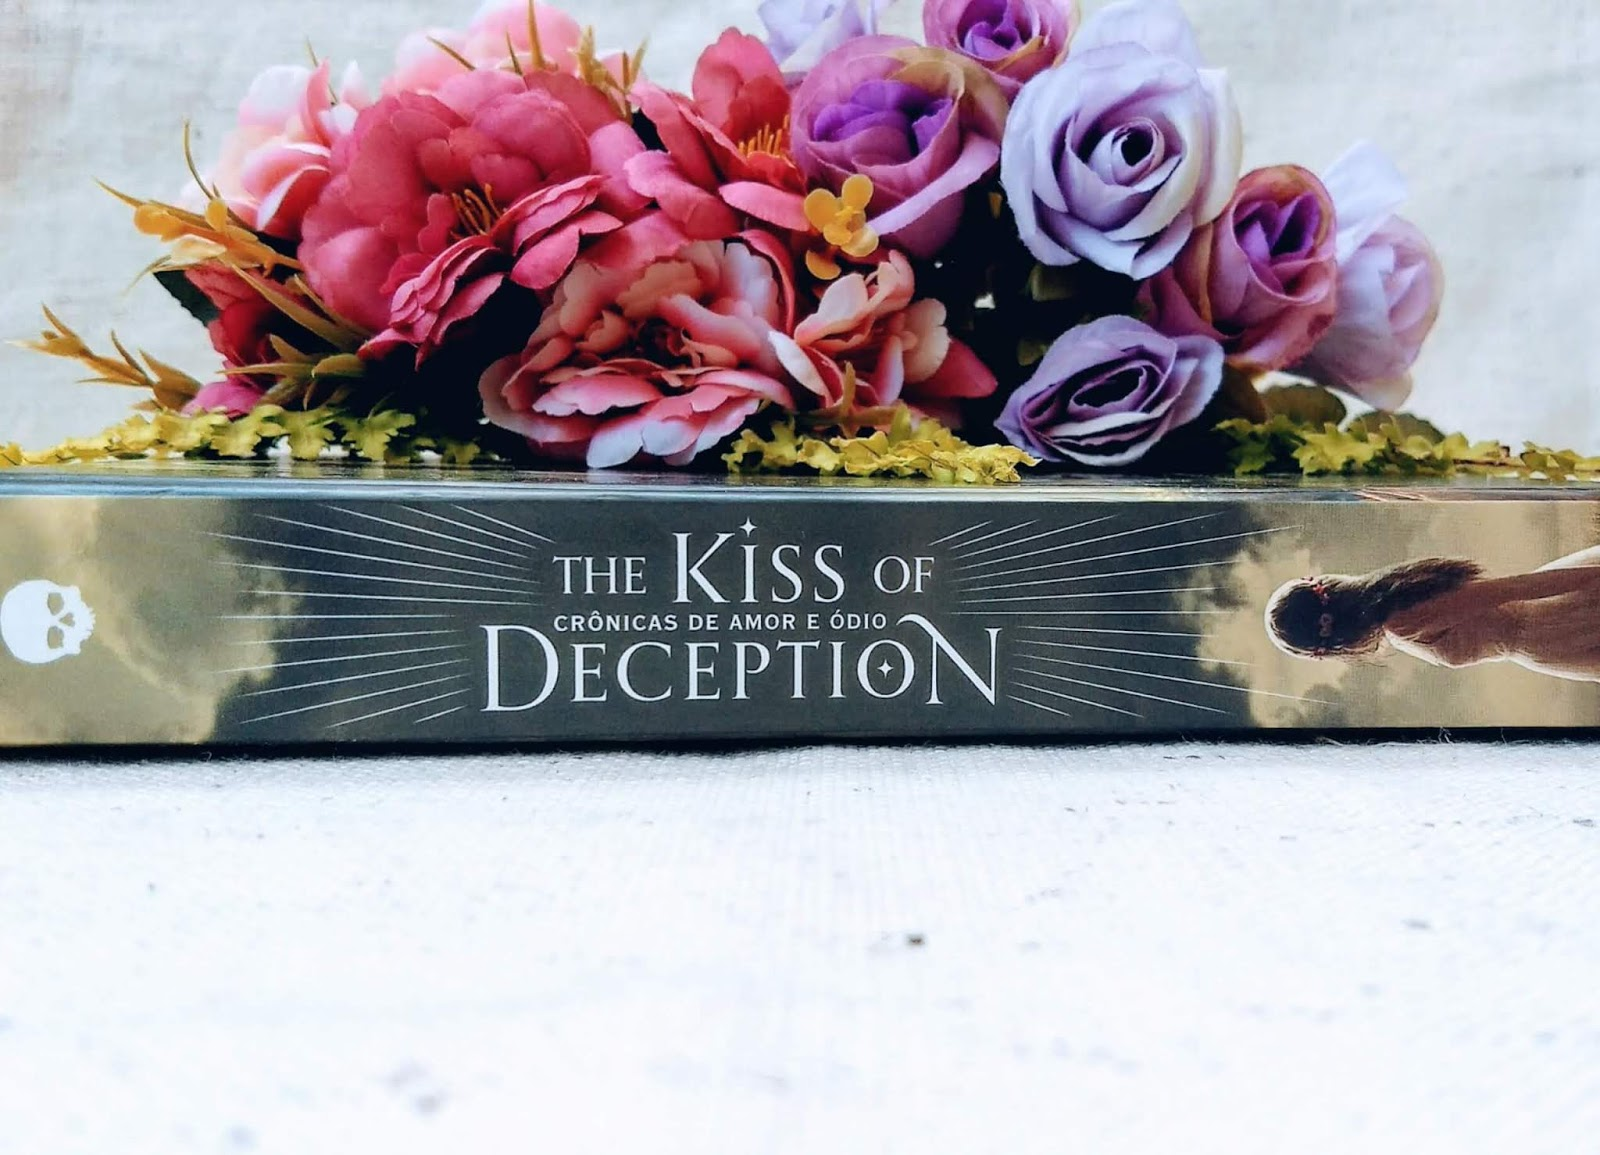 Resenha do livro: The kiss of deception